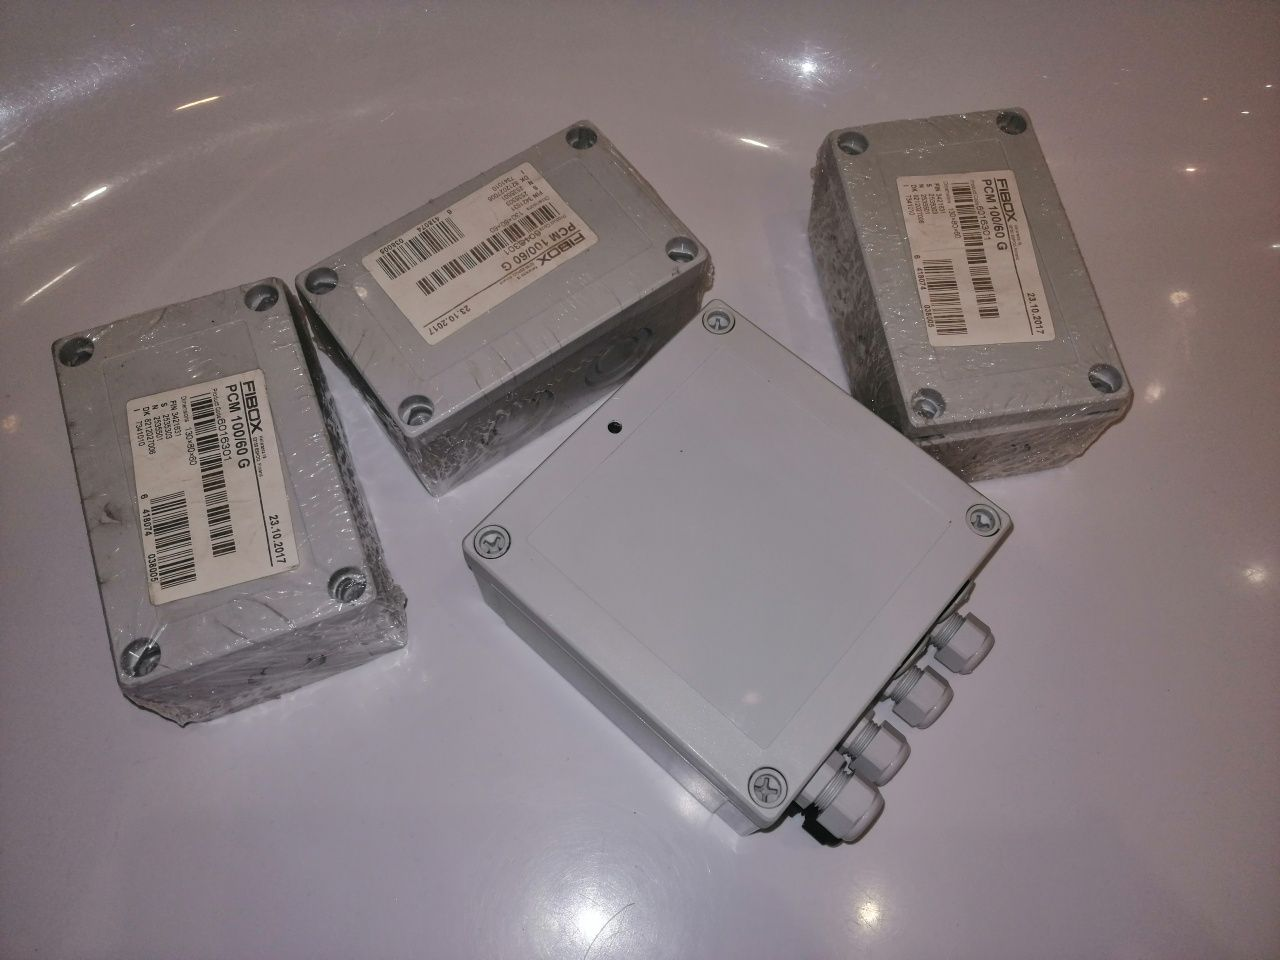 NOWA skrzynka elektryczna instalacyjna Fibox PCM 130x80x60 poliwęglan